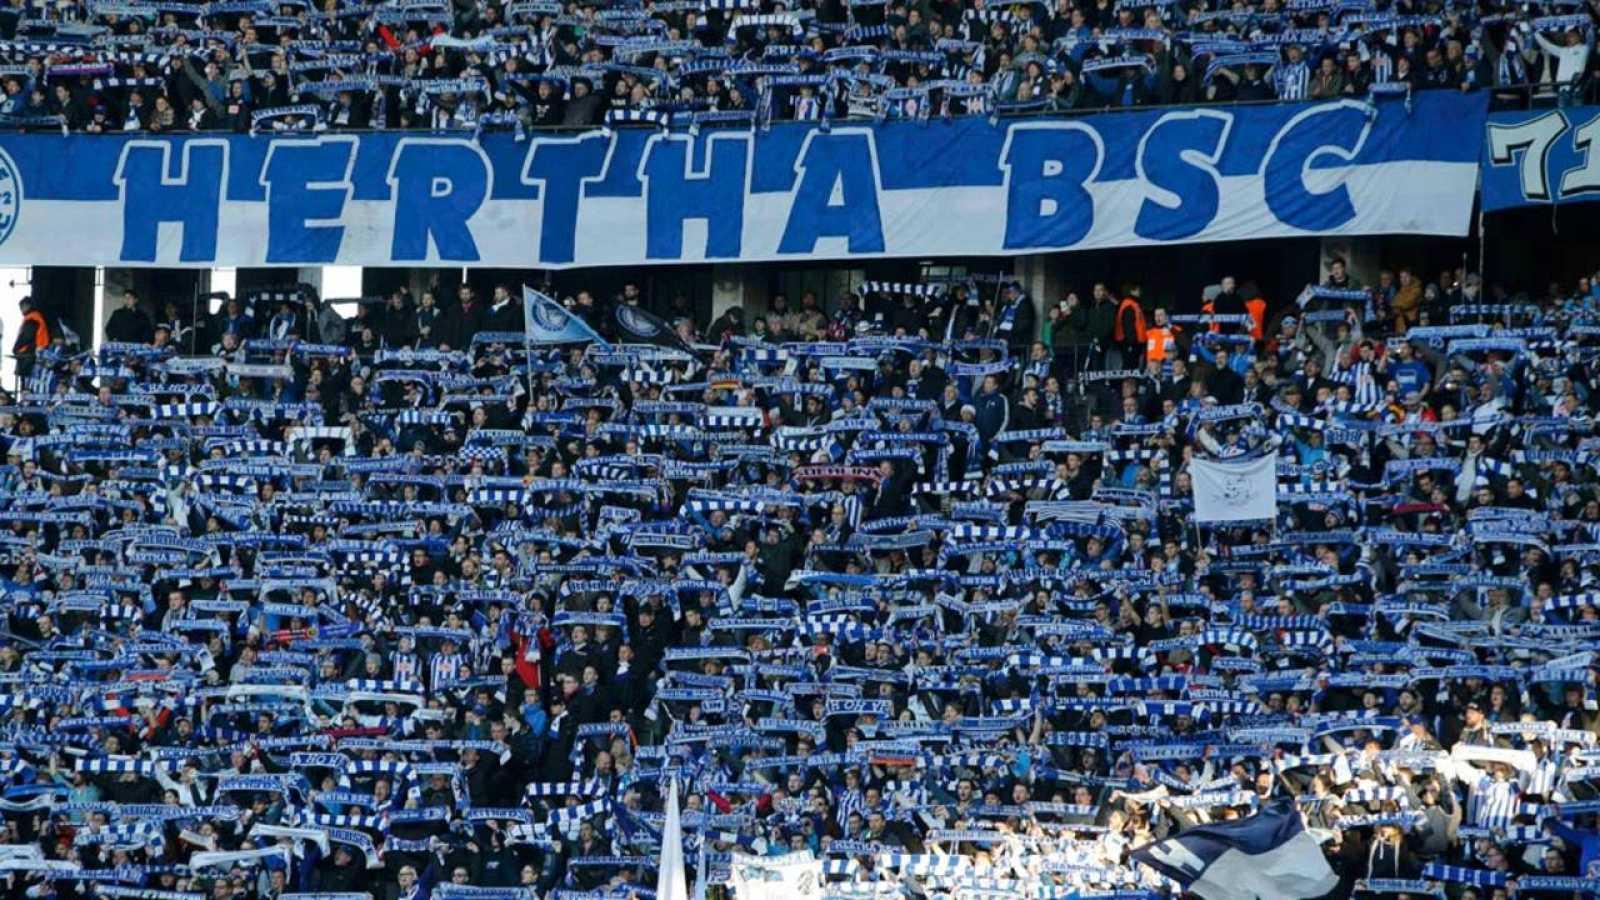 La hinchada del Hertha despliega sus bufandas en apoyo al equipo de la capital alemana